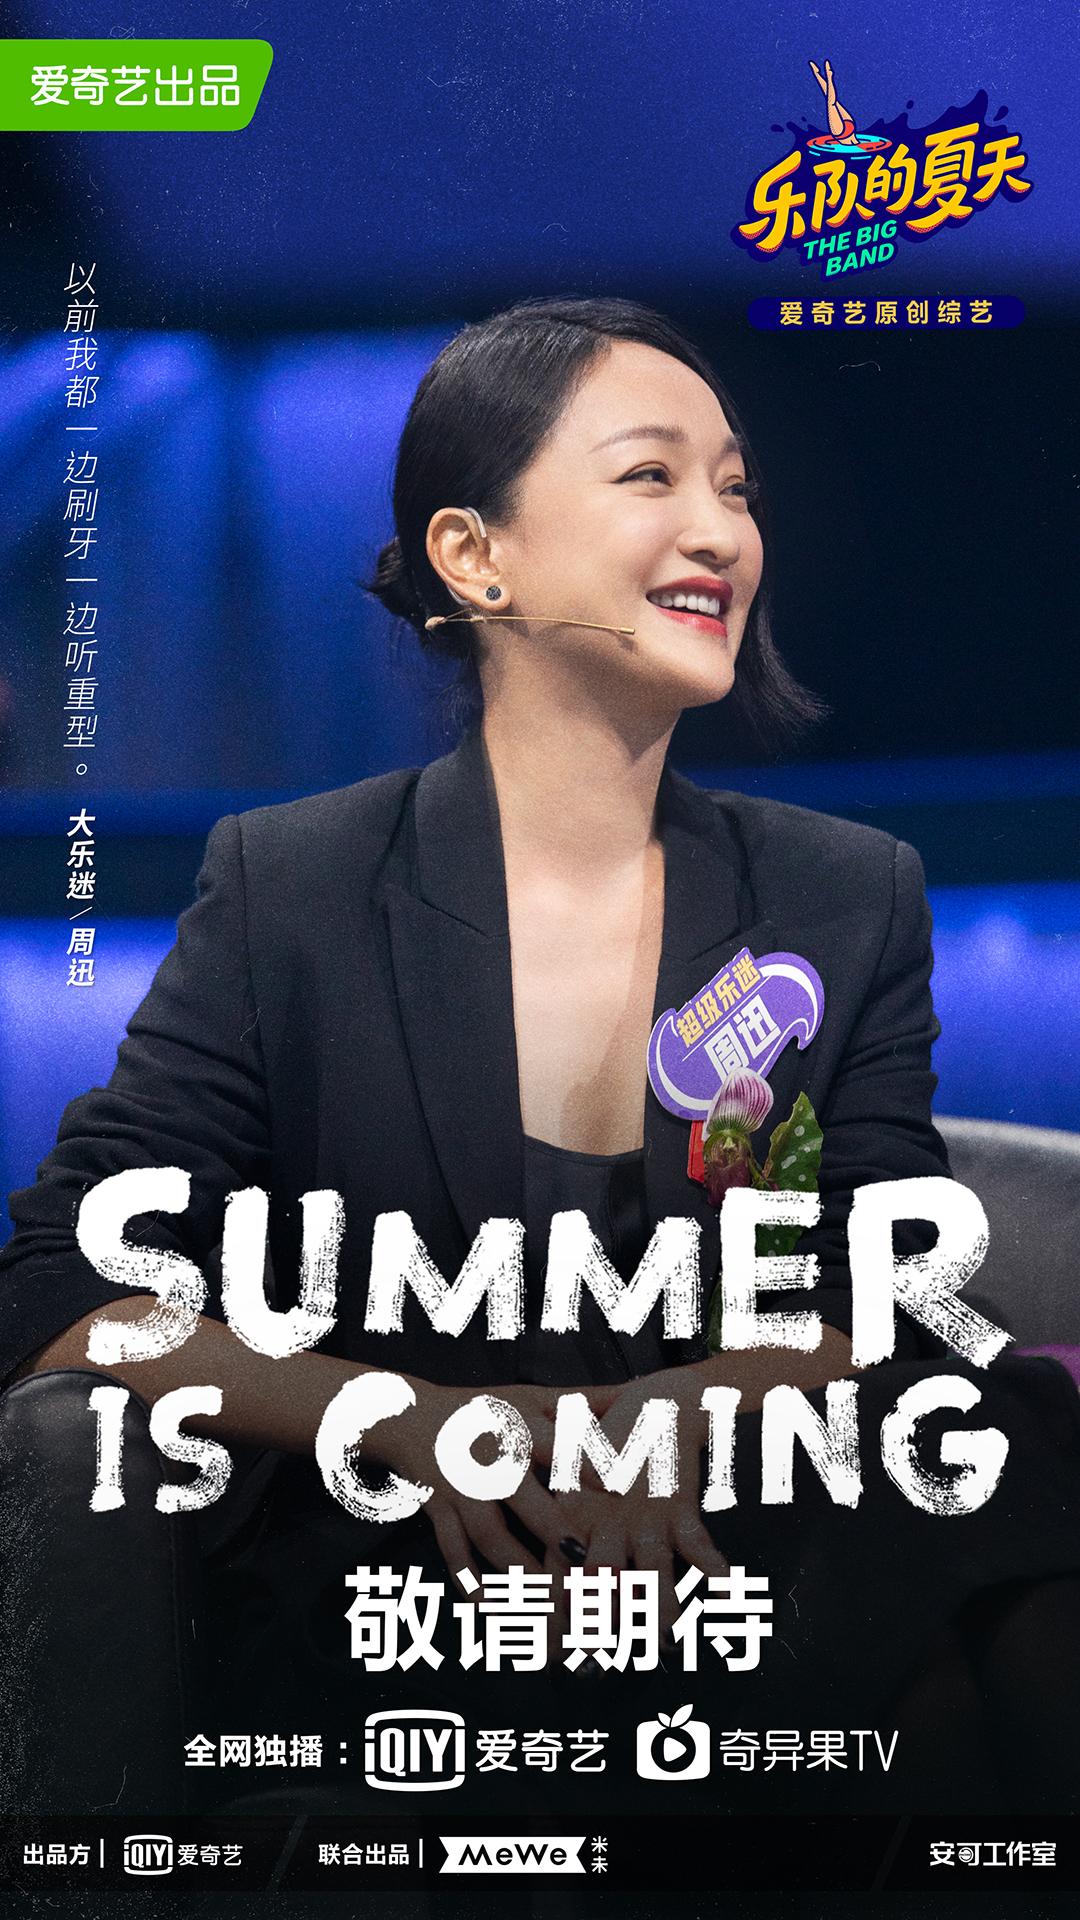 """《乐队的夏天》第二季官宣周迅加盟大乐迷组队大张伟成""""相声姐弟"""""""